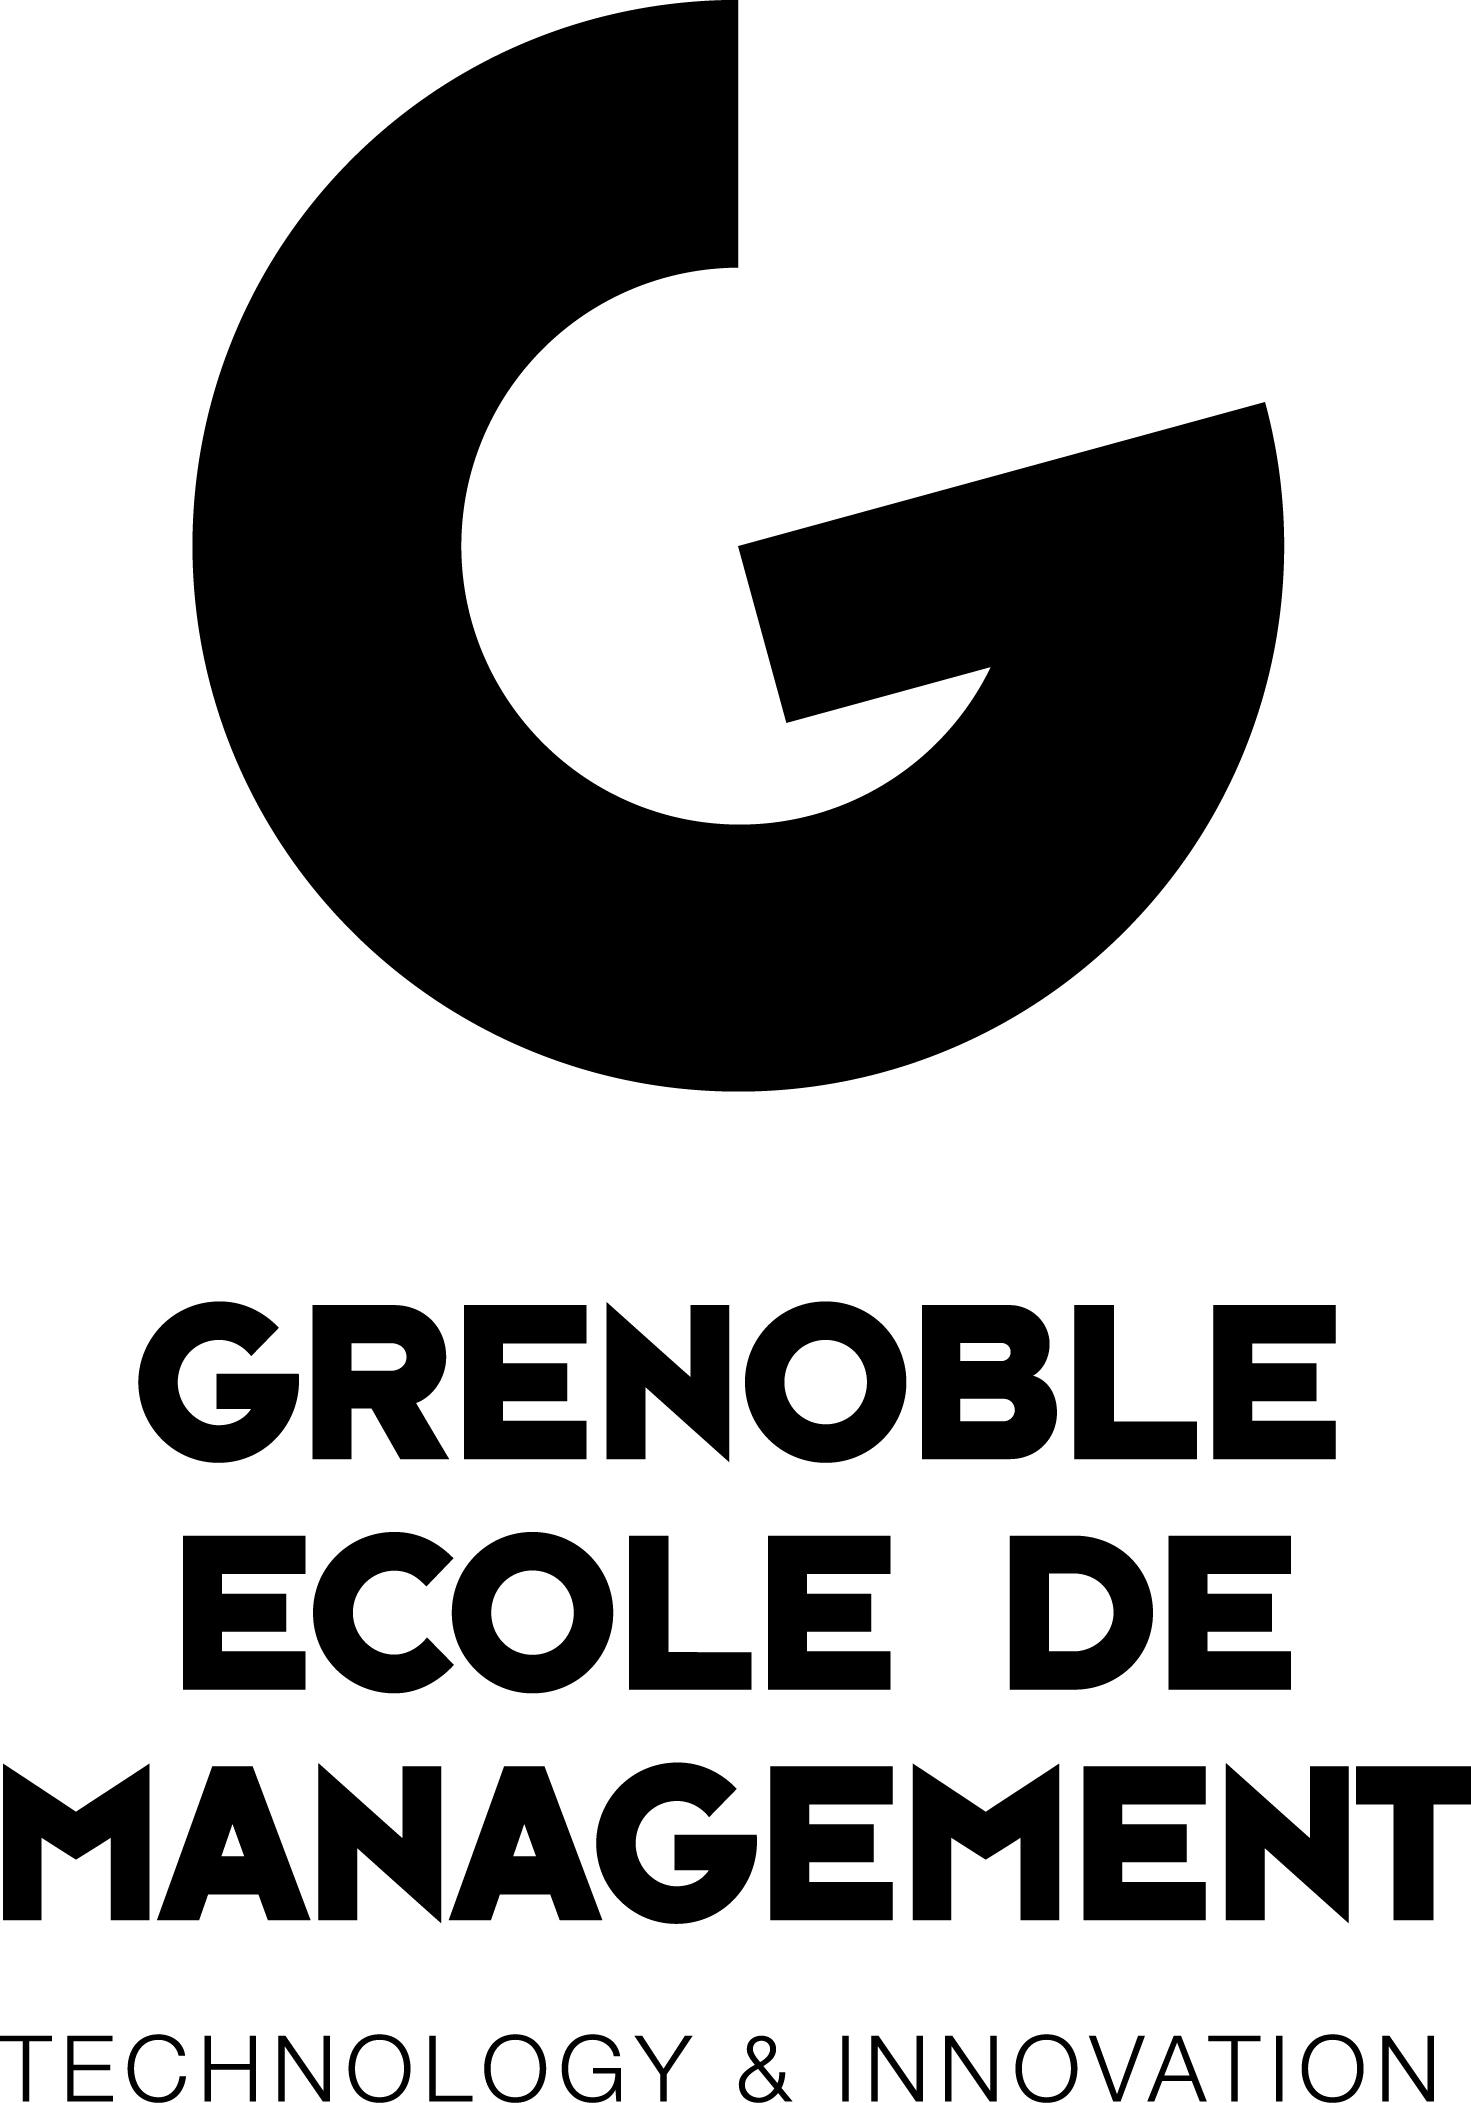 Grenoble école de management révèle son plan stratégique 2014-2018